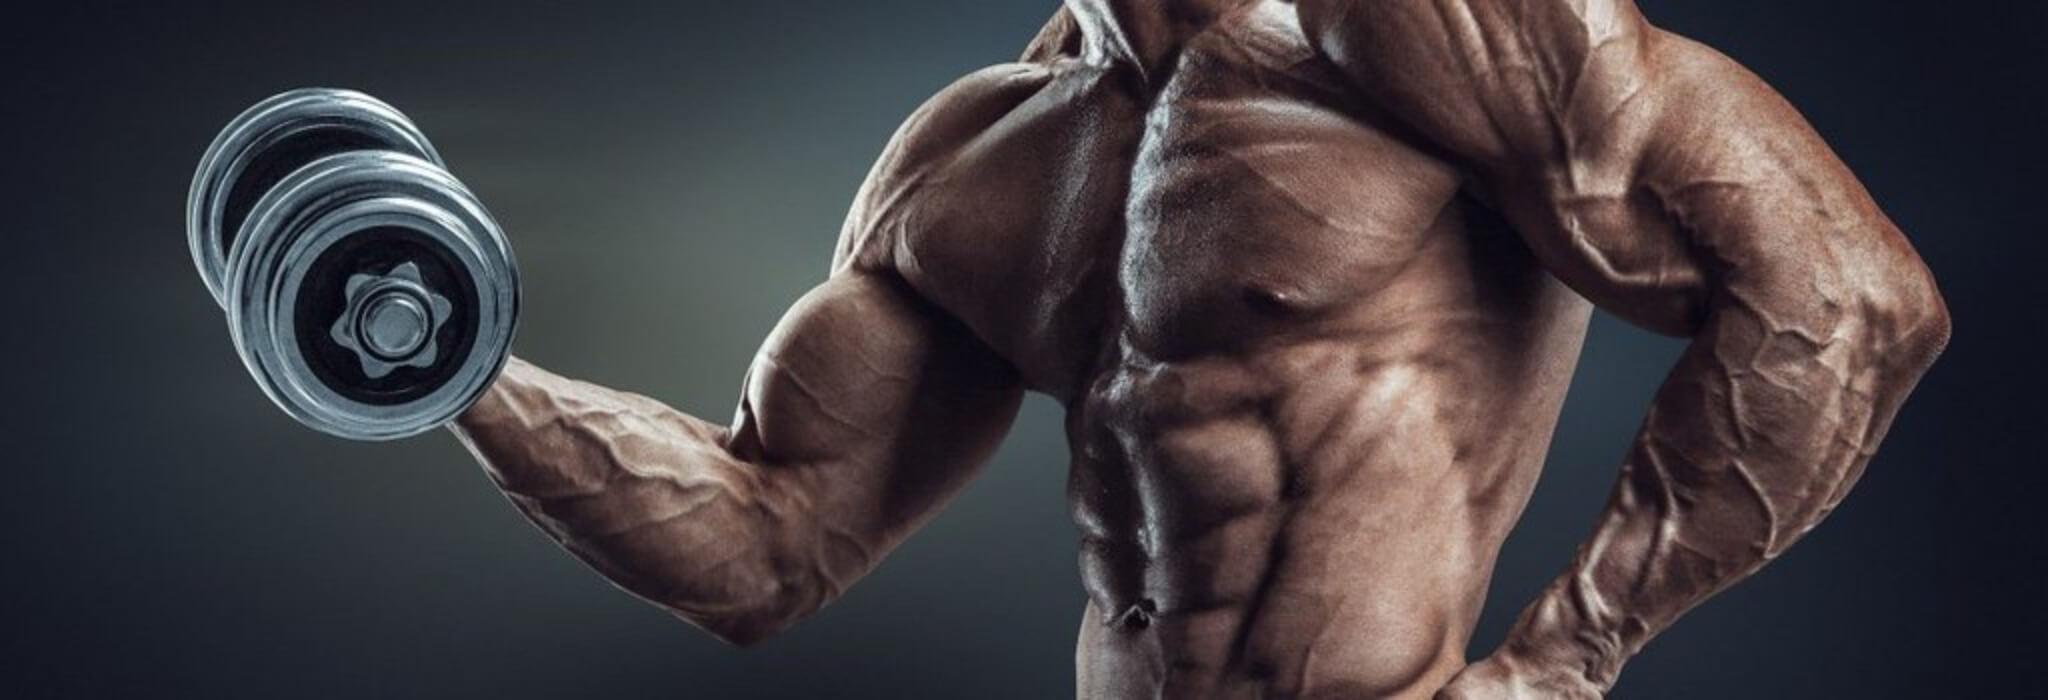 I FANS aumentano l'ipertrofia muscolare